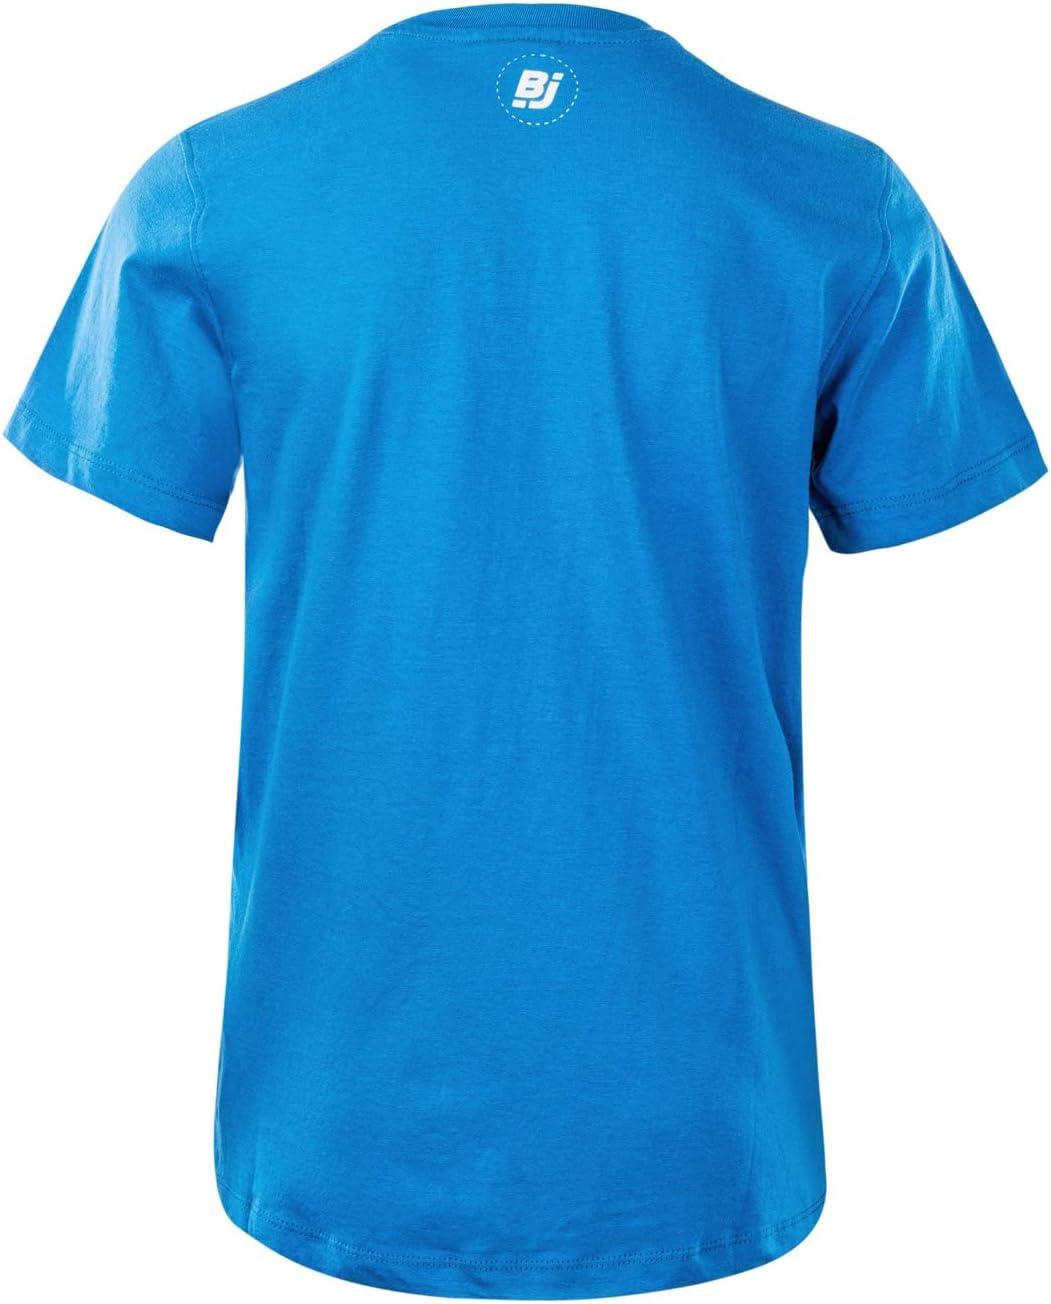 BEJO Jungen Quote Jrb T-Shirt